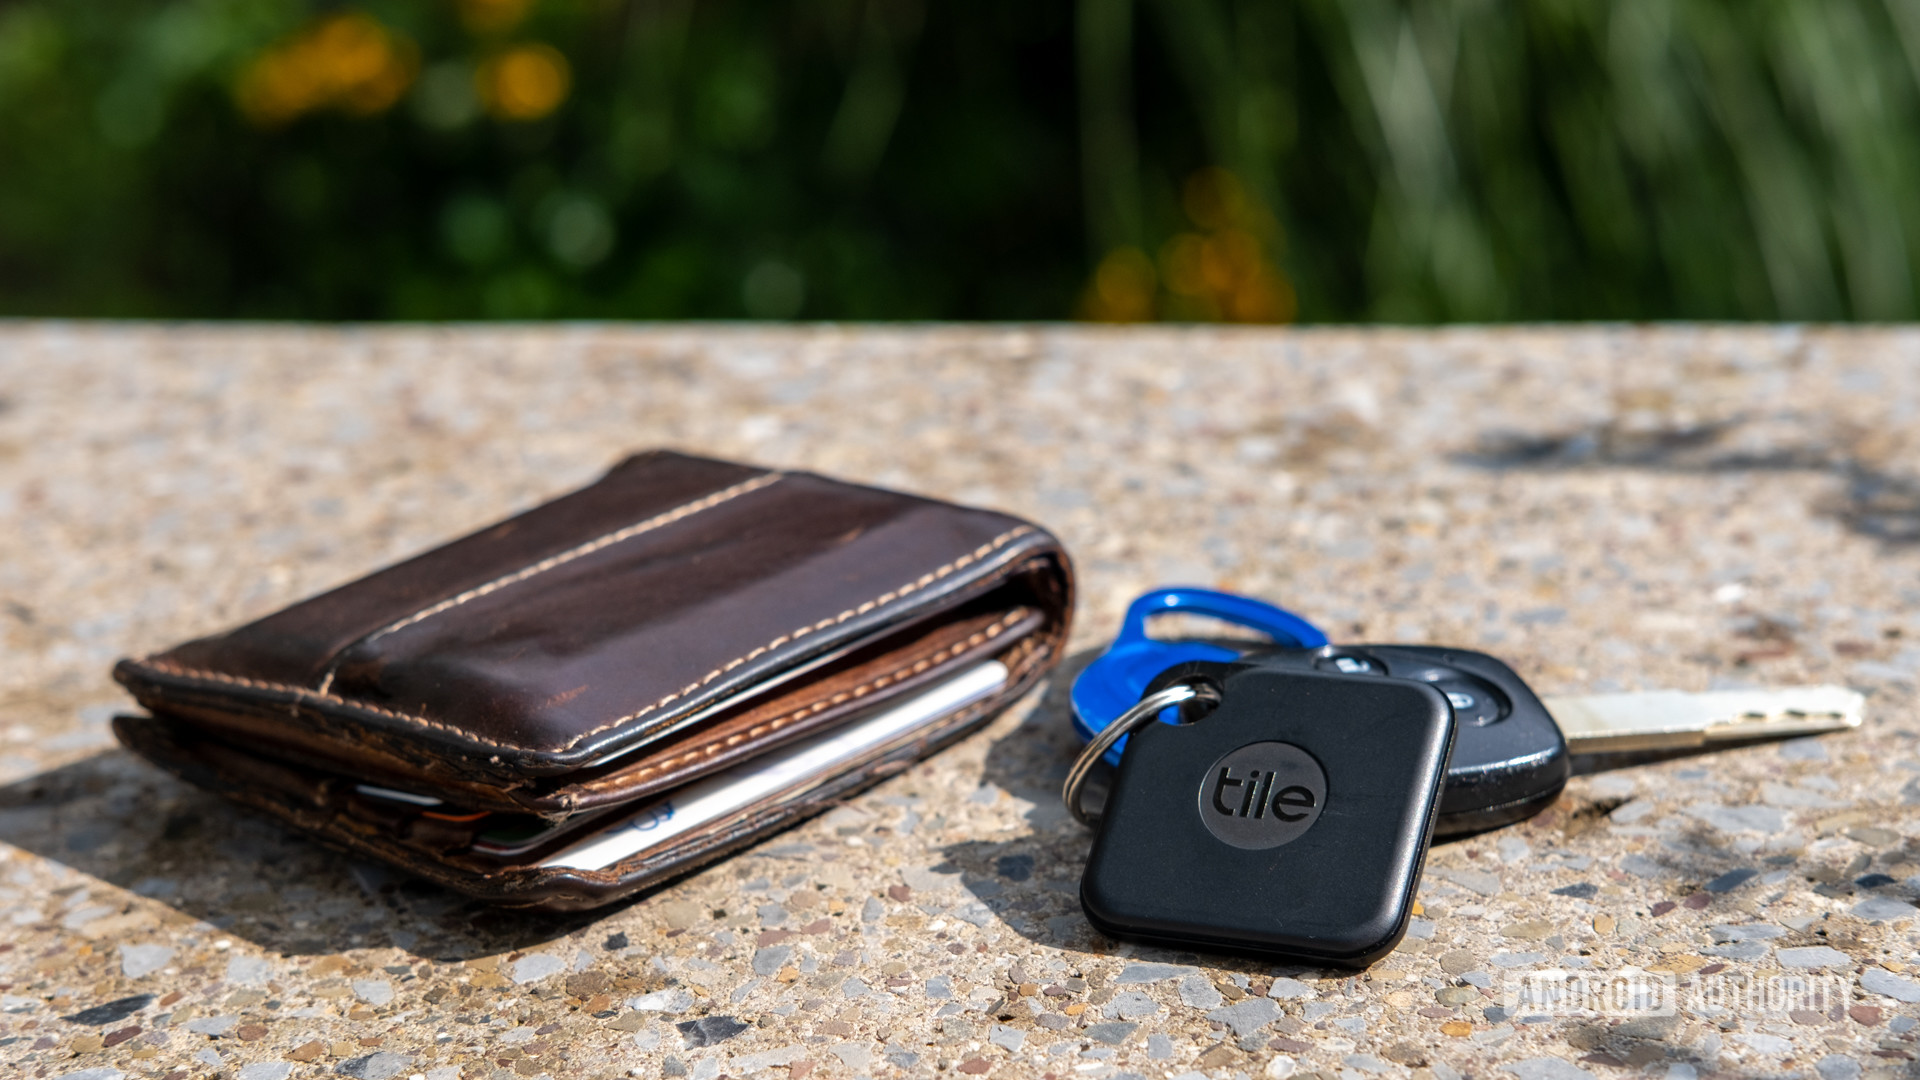 Tile Pro trên một chùm chìa khóa bên cạnh một chiếc ví